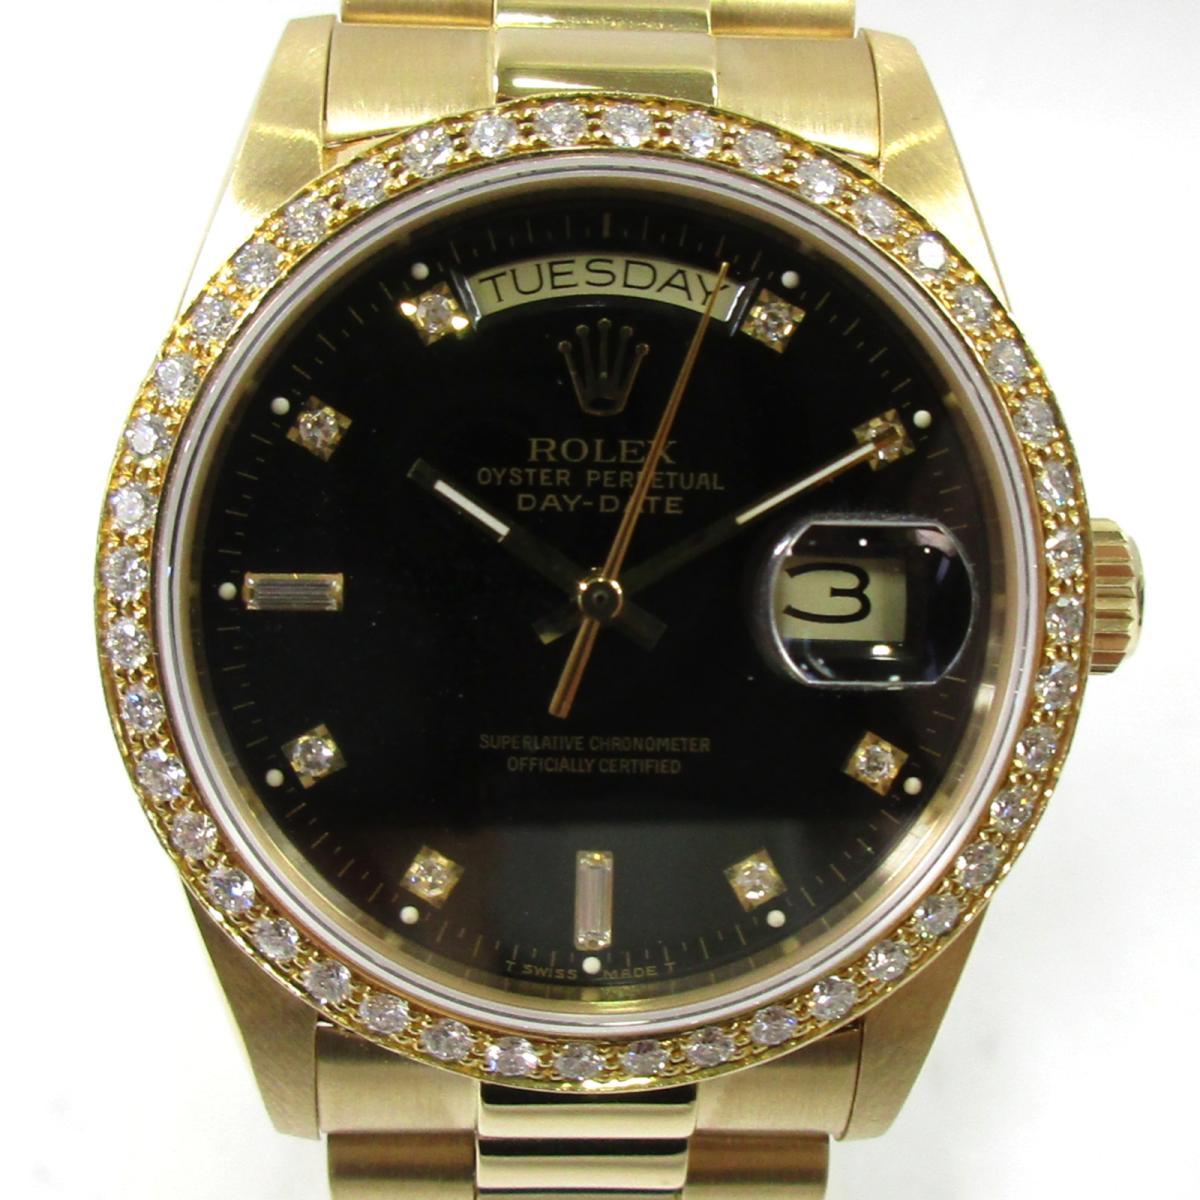 【お買得】 【】 ロレックス デイデイト ベゼルダイヤ/10Pダイヤ 腕時計 ウォッチ メンズ K18YG (750)イエローゴールド x ダイヤモンド ゴールド 18048A) | ROLEX BRANDOFF ブランドオフ ブランド ブランド時計 ブランド腕時計 時計, アワチョウ e27c25cd